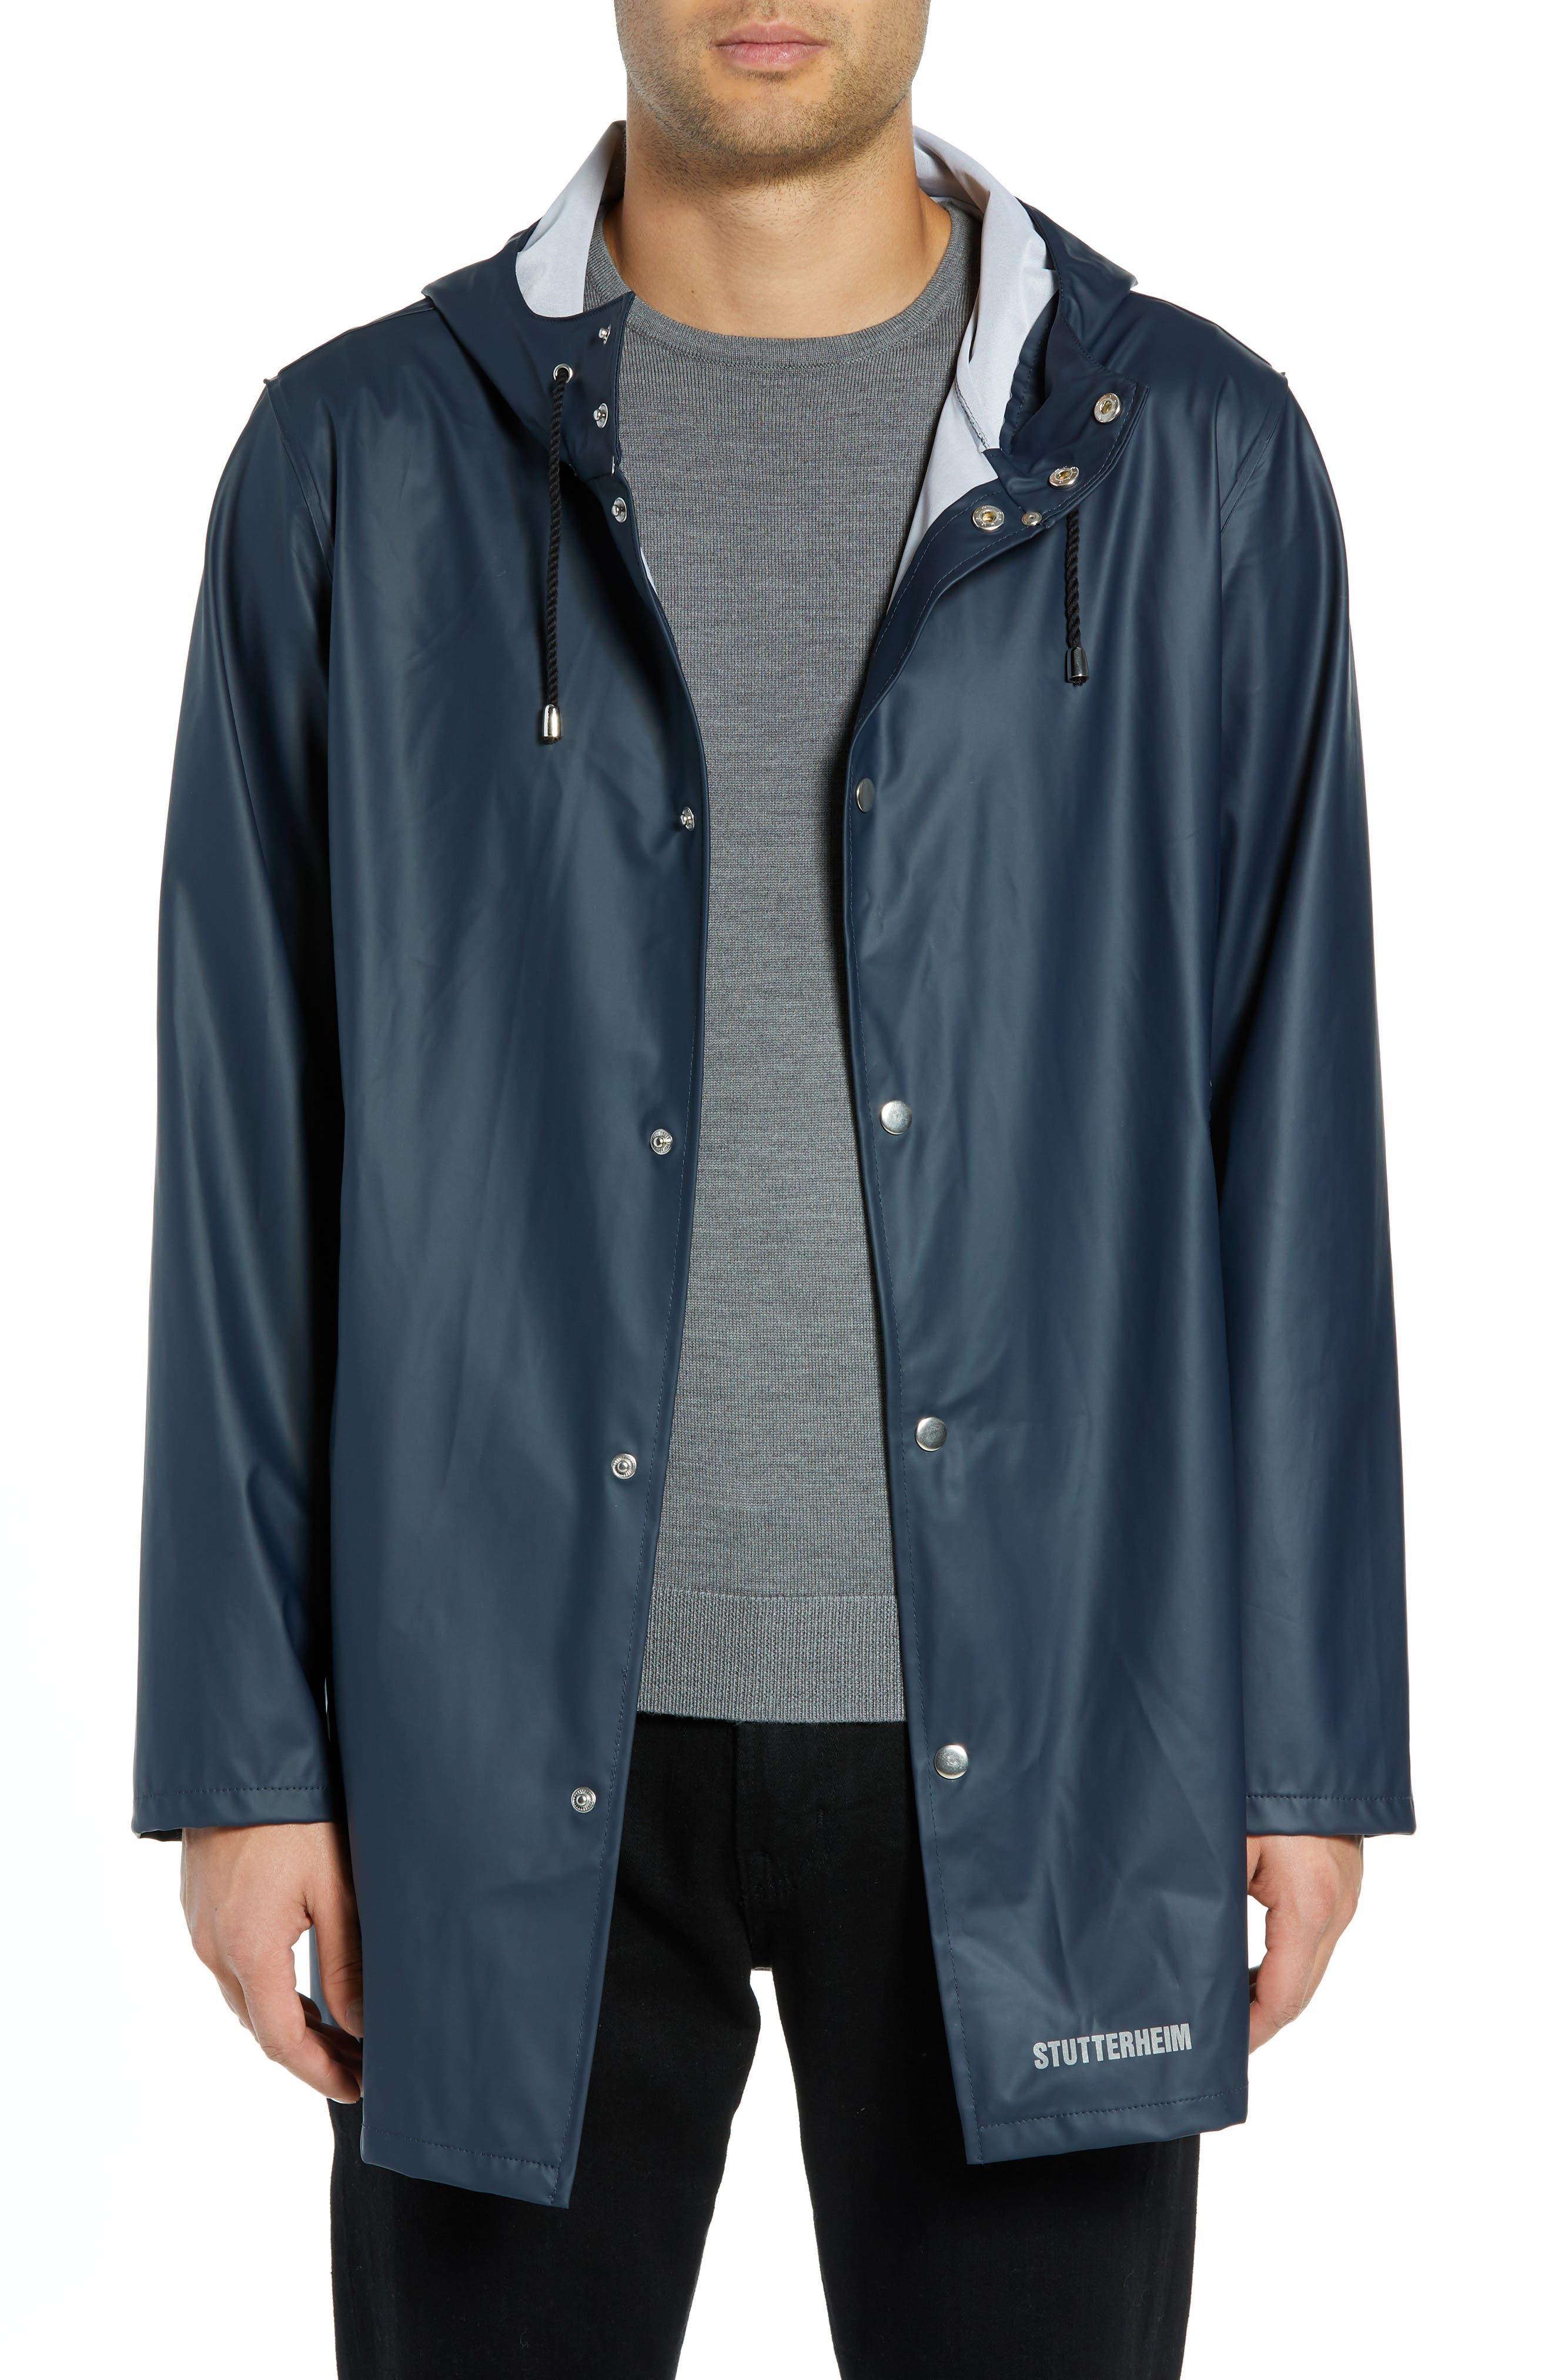 Stutterheim Stockholm Lightweight Waterproof Rain Jacket, Blue